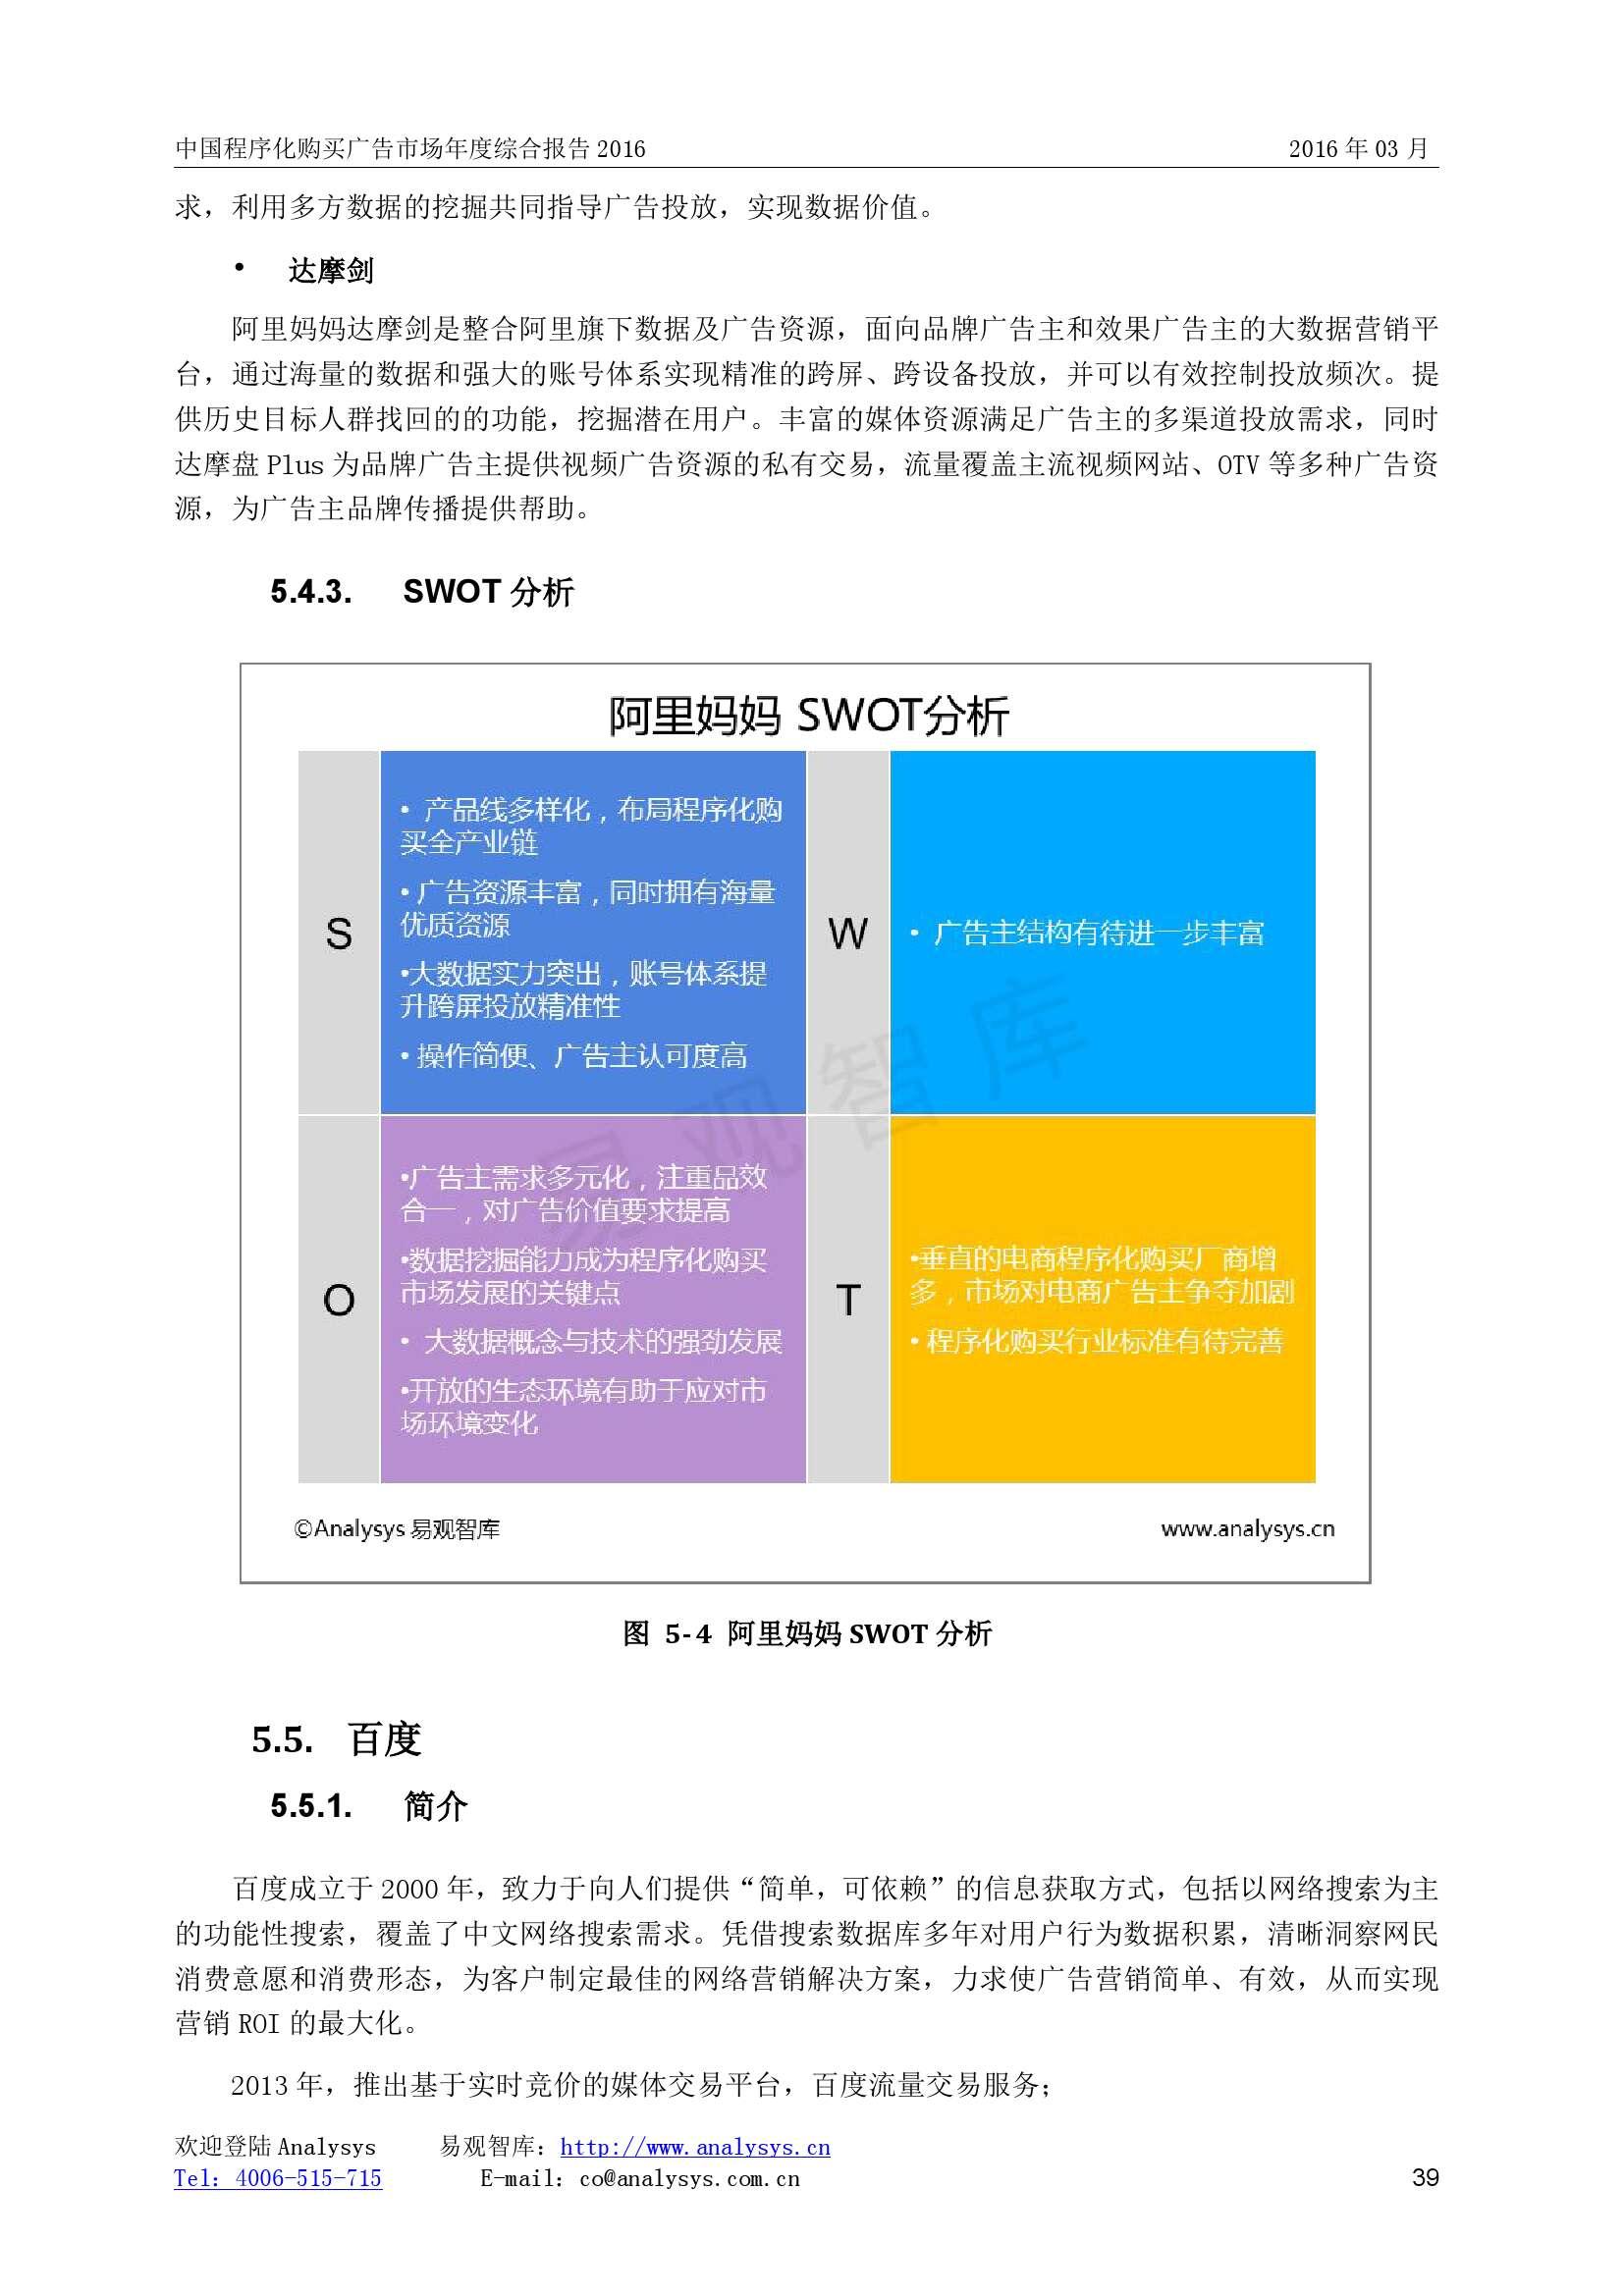 中国程序化购买广告市场年度综合报告2016_000039